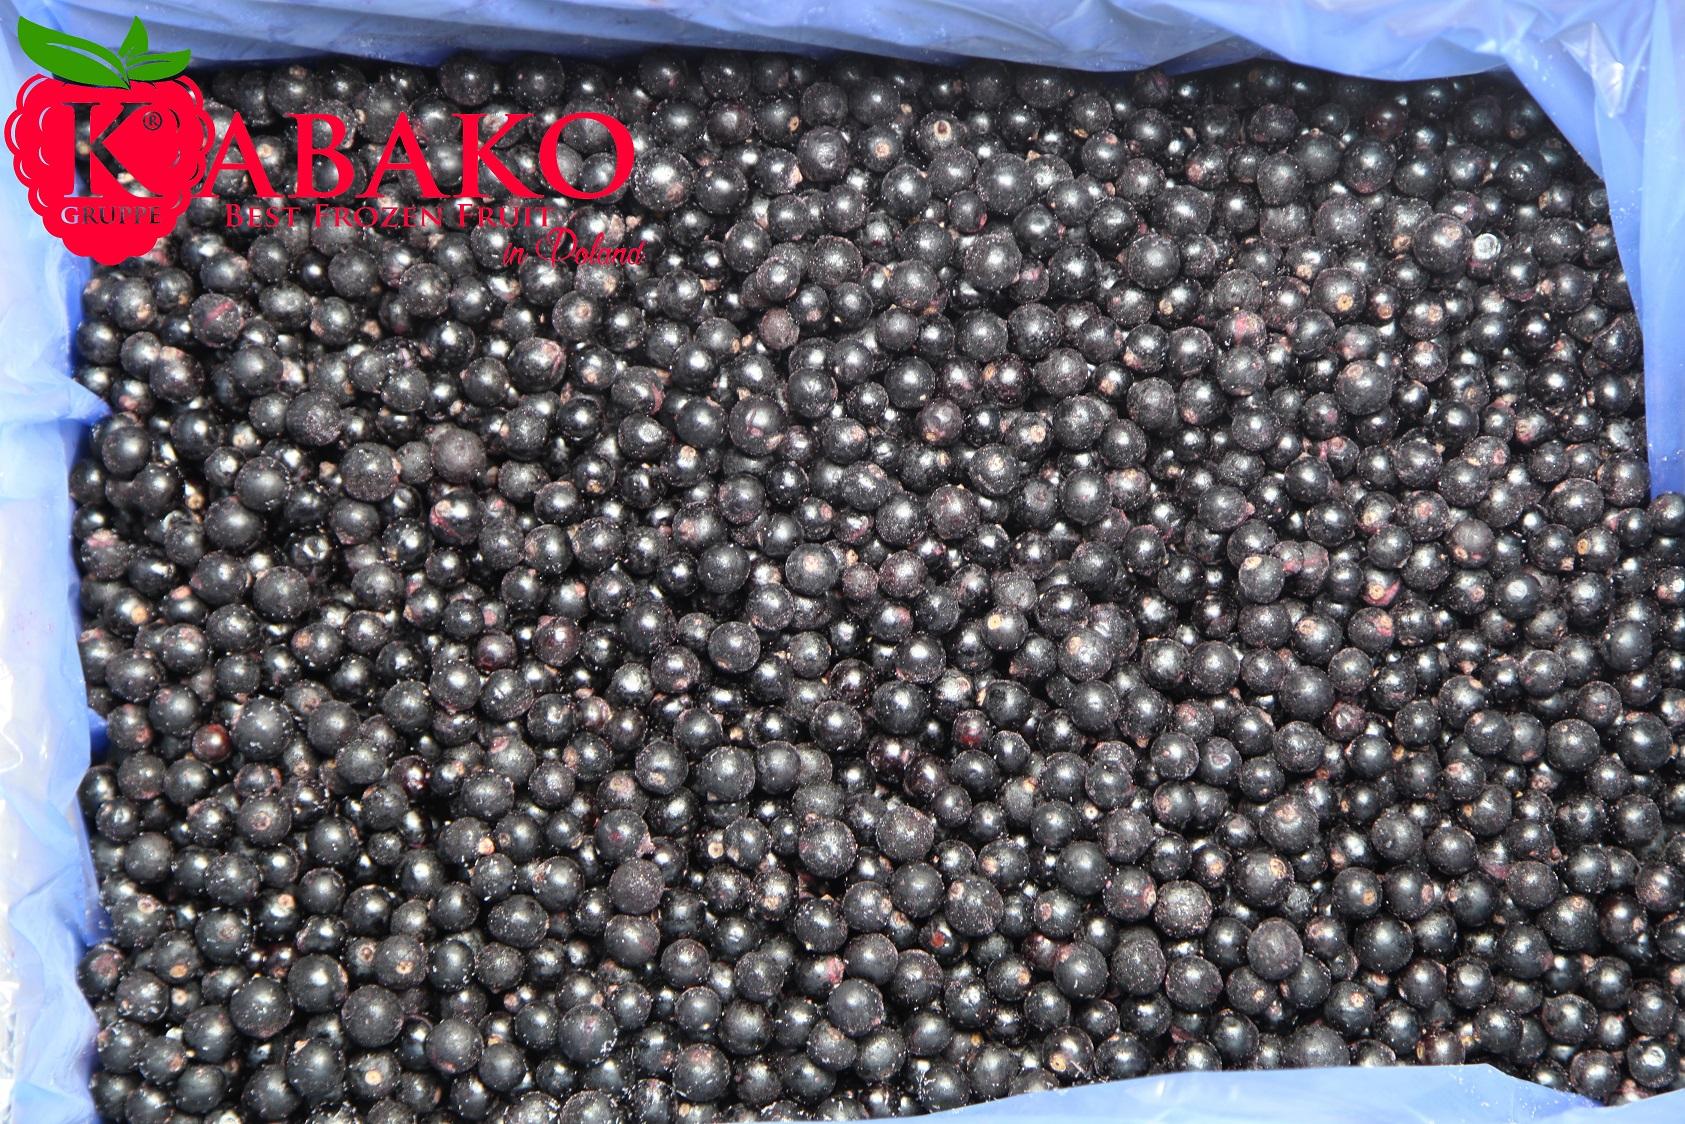 Frozen (IQF) Black Currants 3